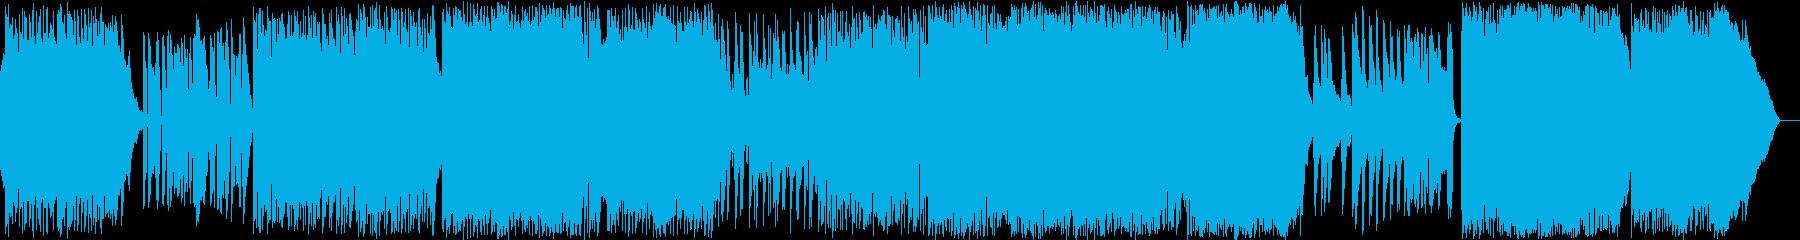 ノスタルジー、青春、キラキラの再生済みの波形